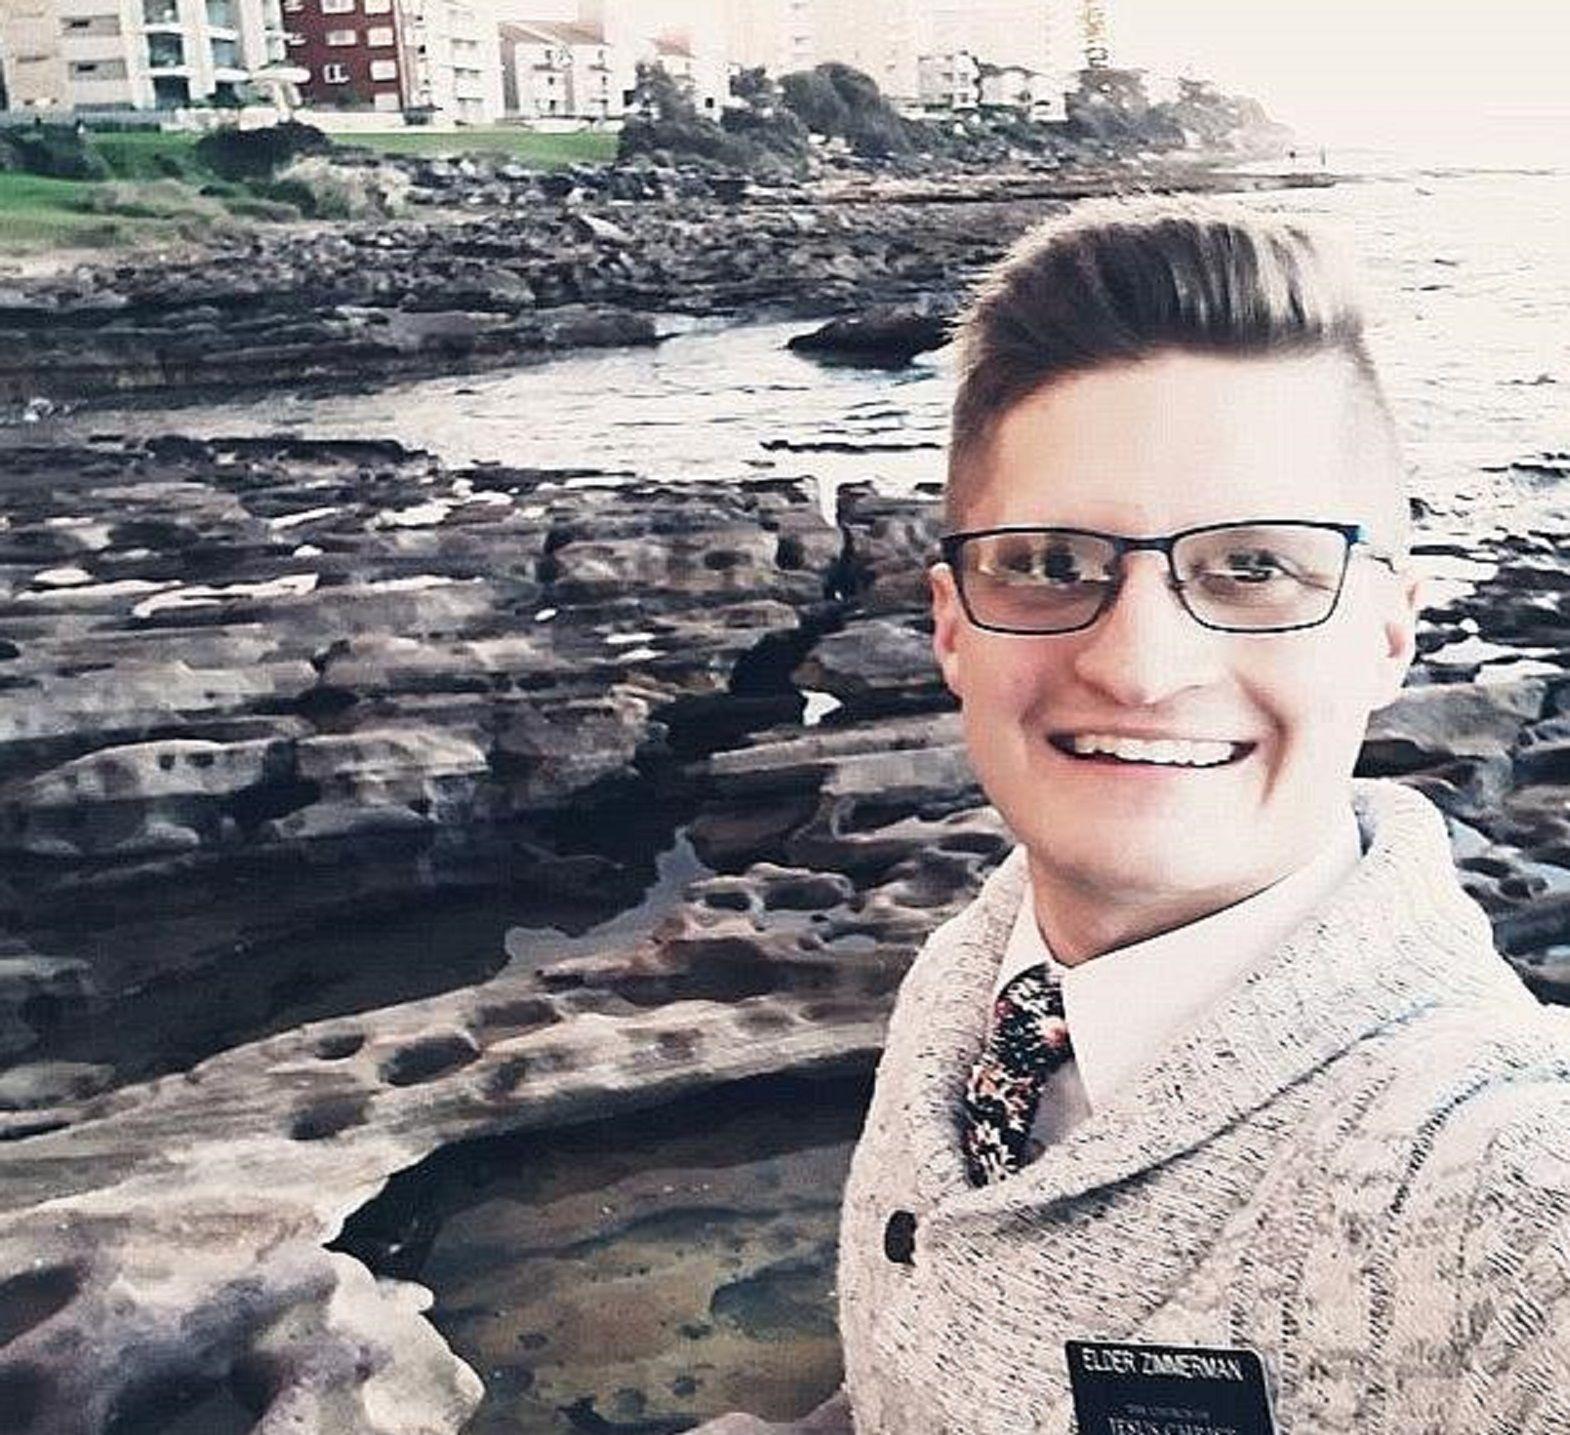 Gavin Zimmerman muriótras caer a un acantilado mientras se hacía una selfie. Foto: Daily Mail.